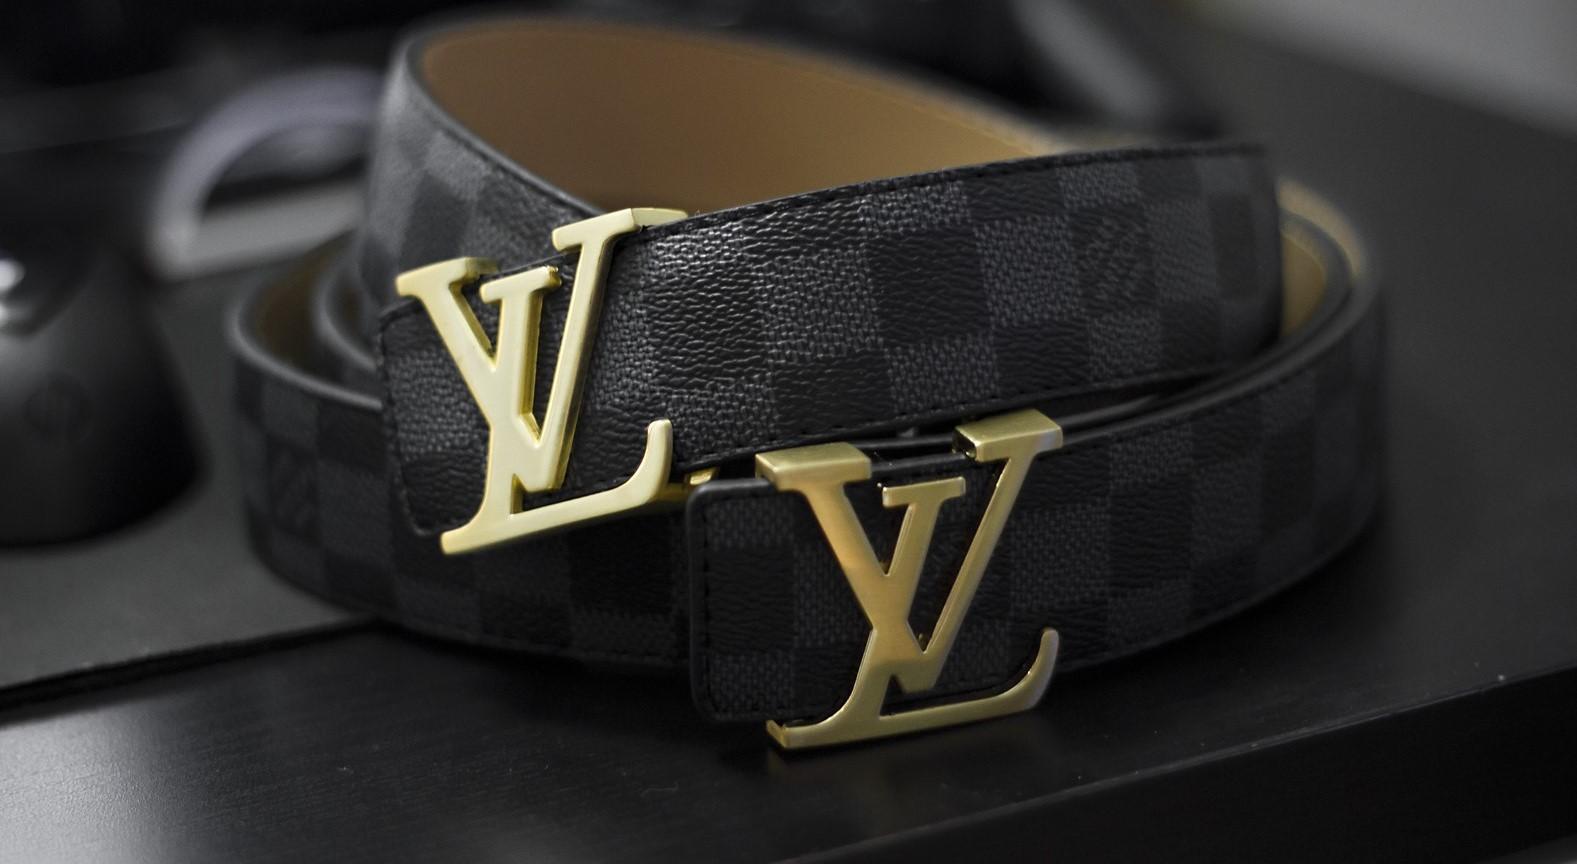 Ремень знаменитого бренда Louis Vuitton